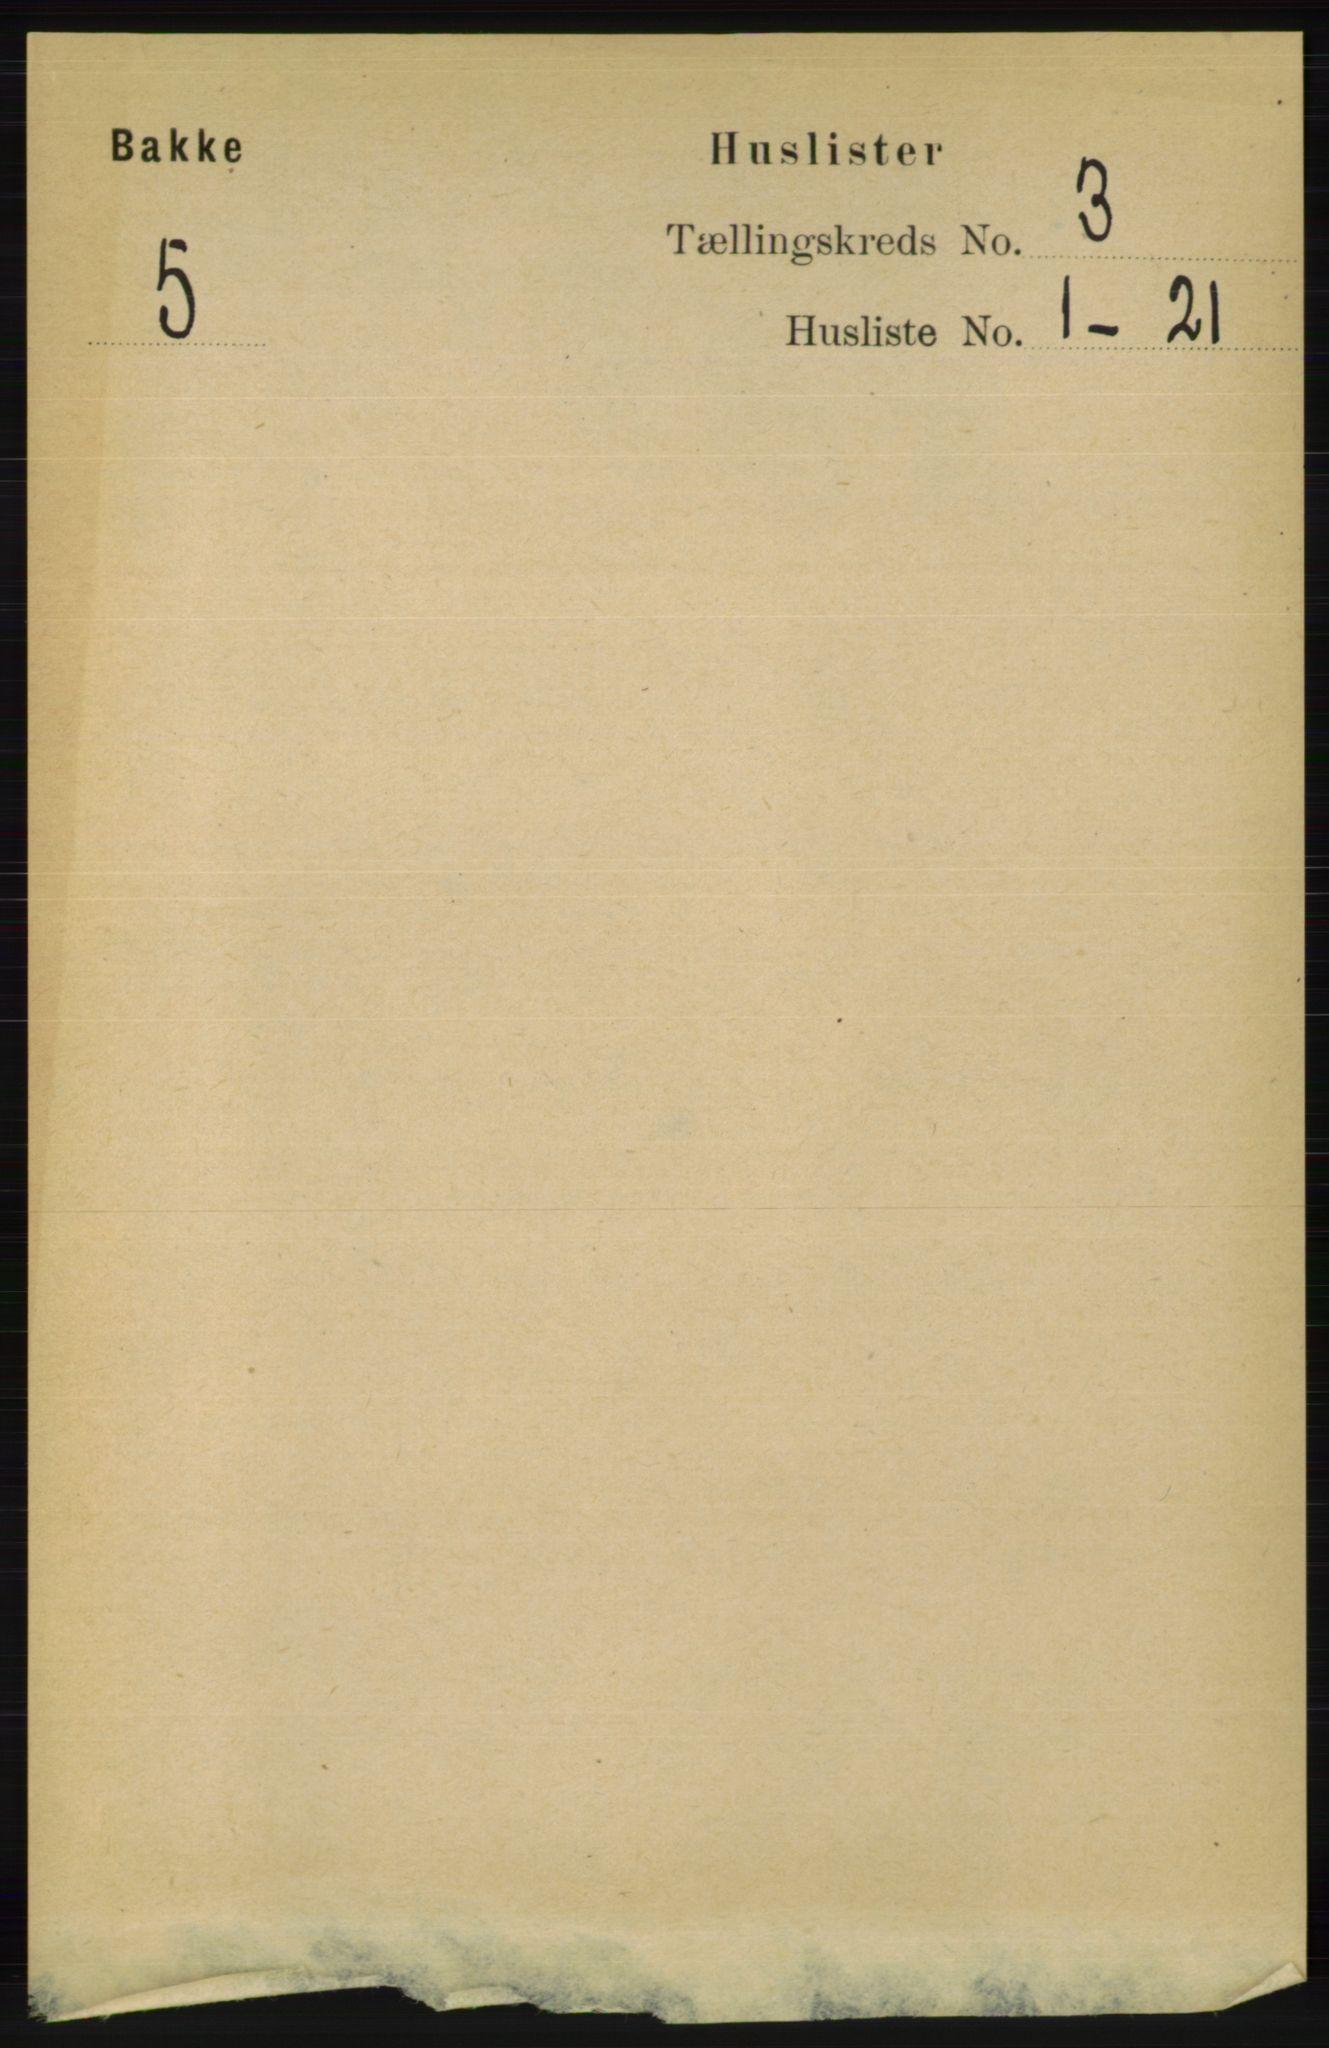 RA, Folketelling 1891 for 1045 Bakke herred, 1891, s. 388